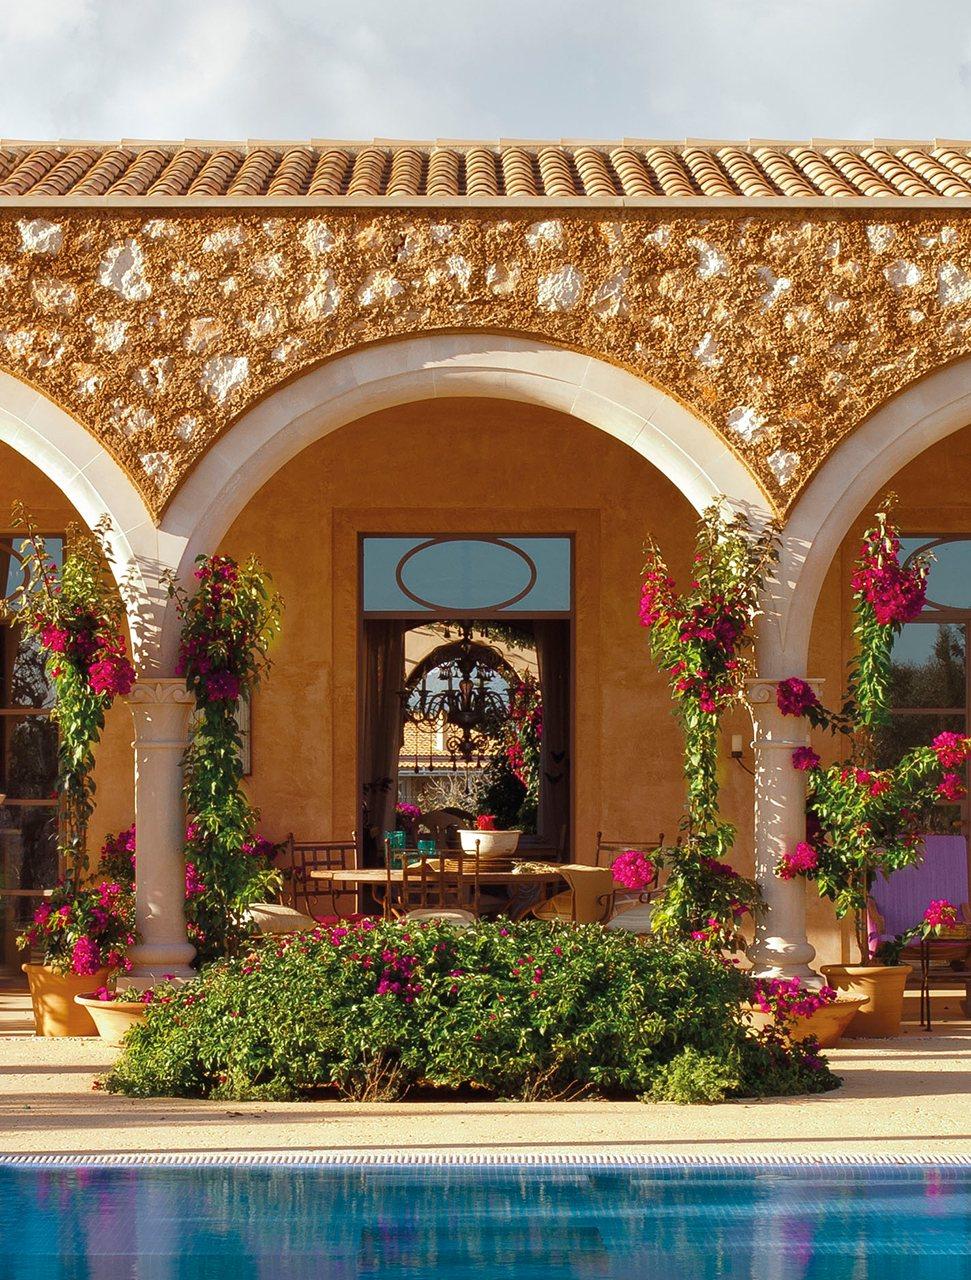 00_porche_con_fachada_de_piedra_y_piscina_971x1280-1.jpg